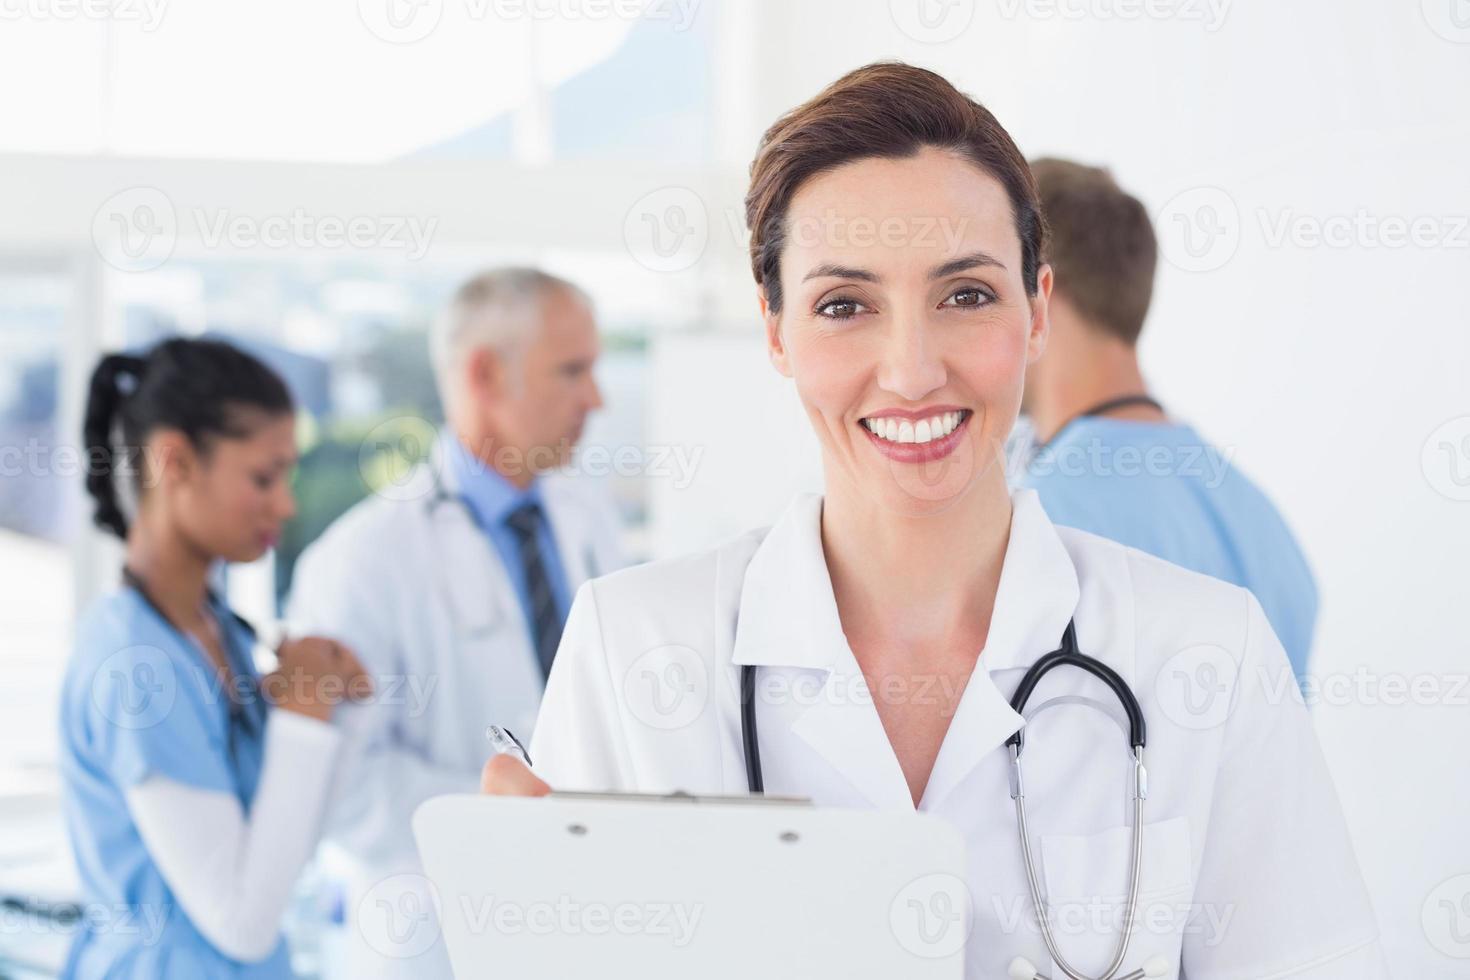 médica confiante segurando a área de transferência foto